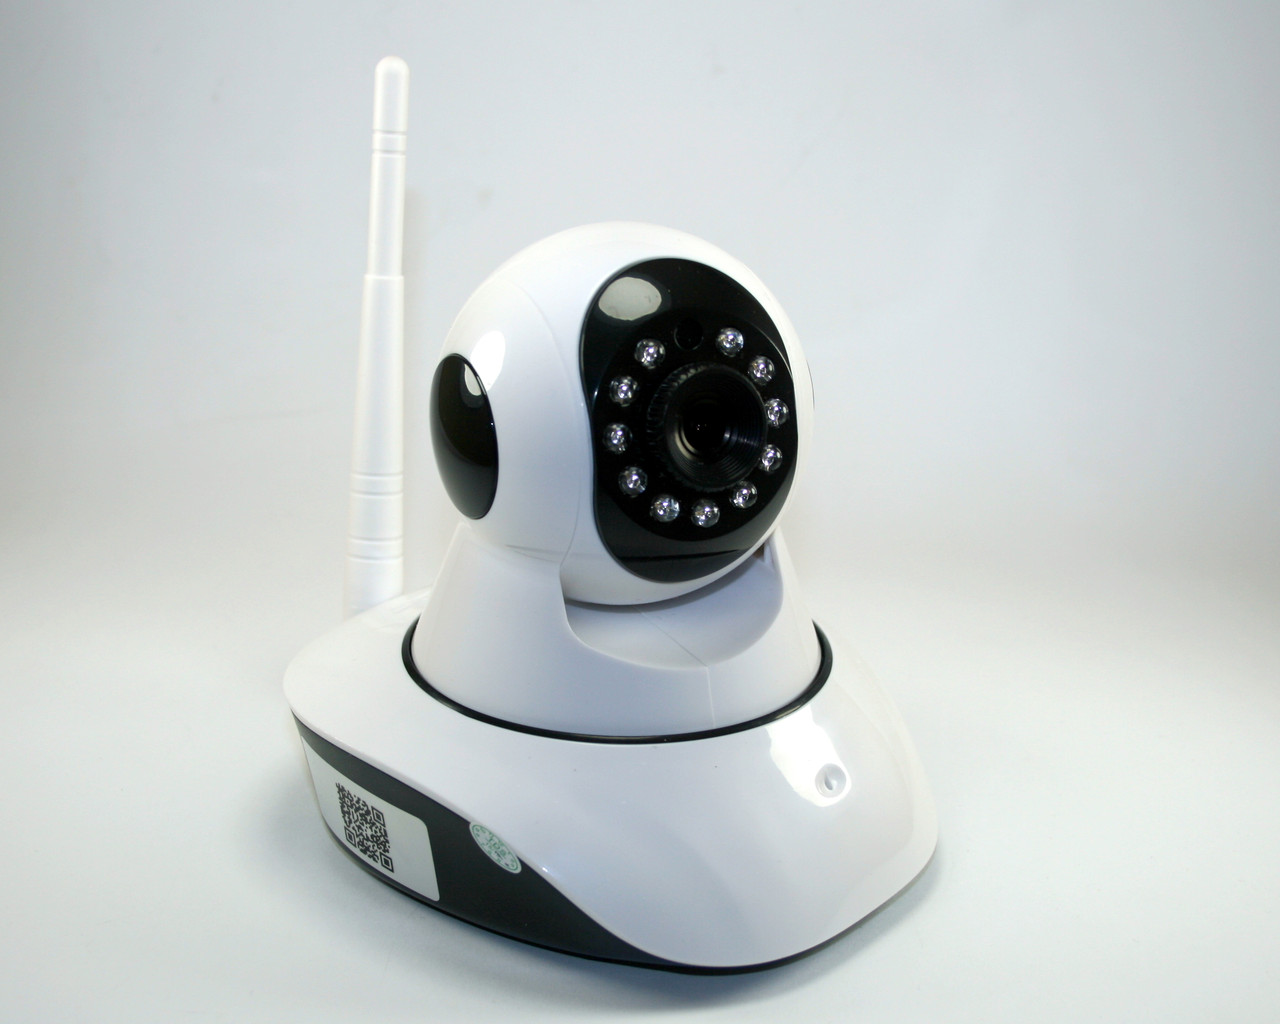 Безпроводная (WI-FI) проводная IP камера с возможностью удаленного управления, ночное видение, фото 1